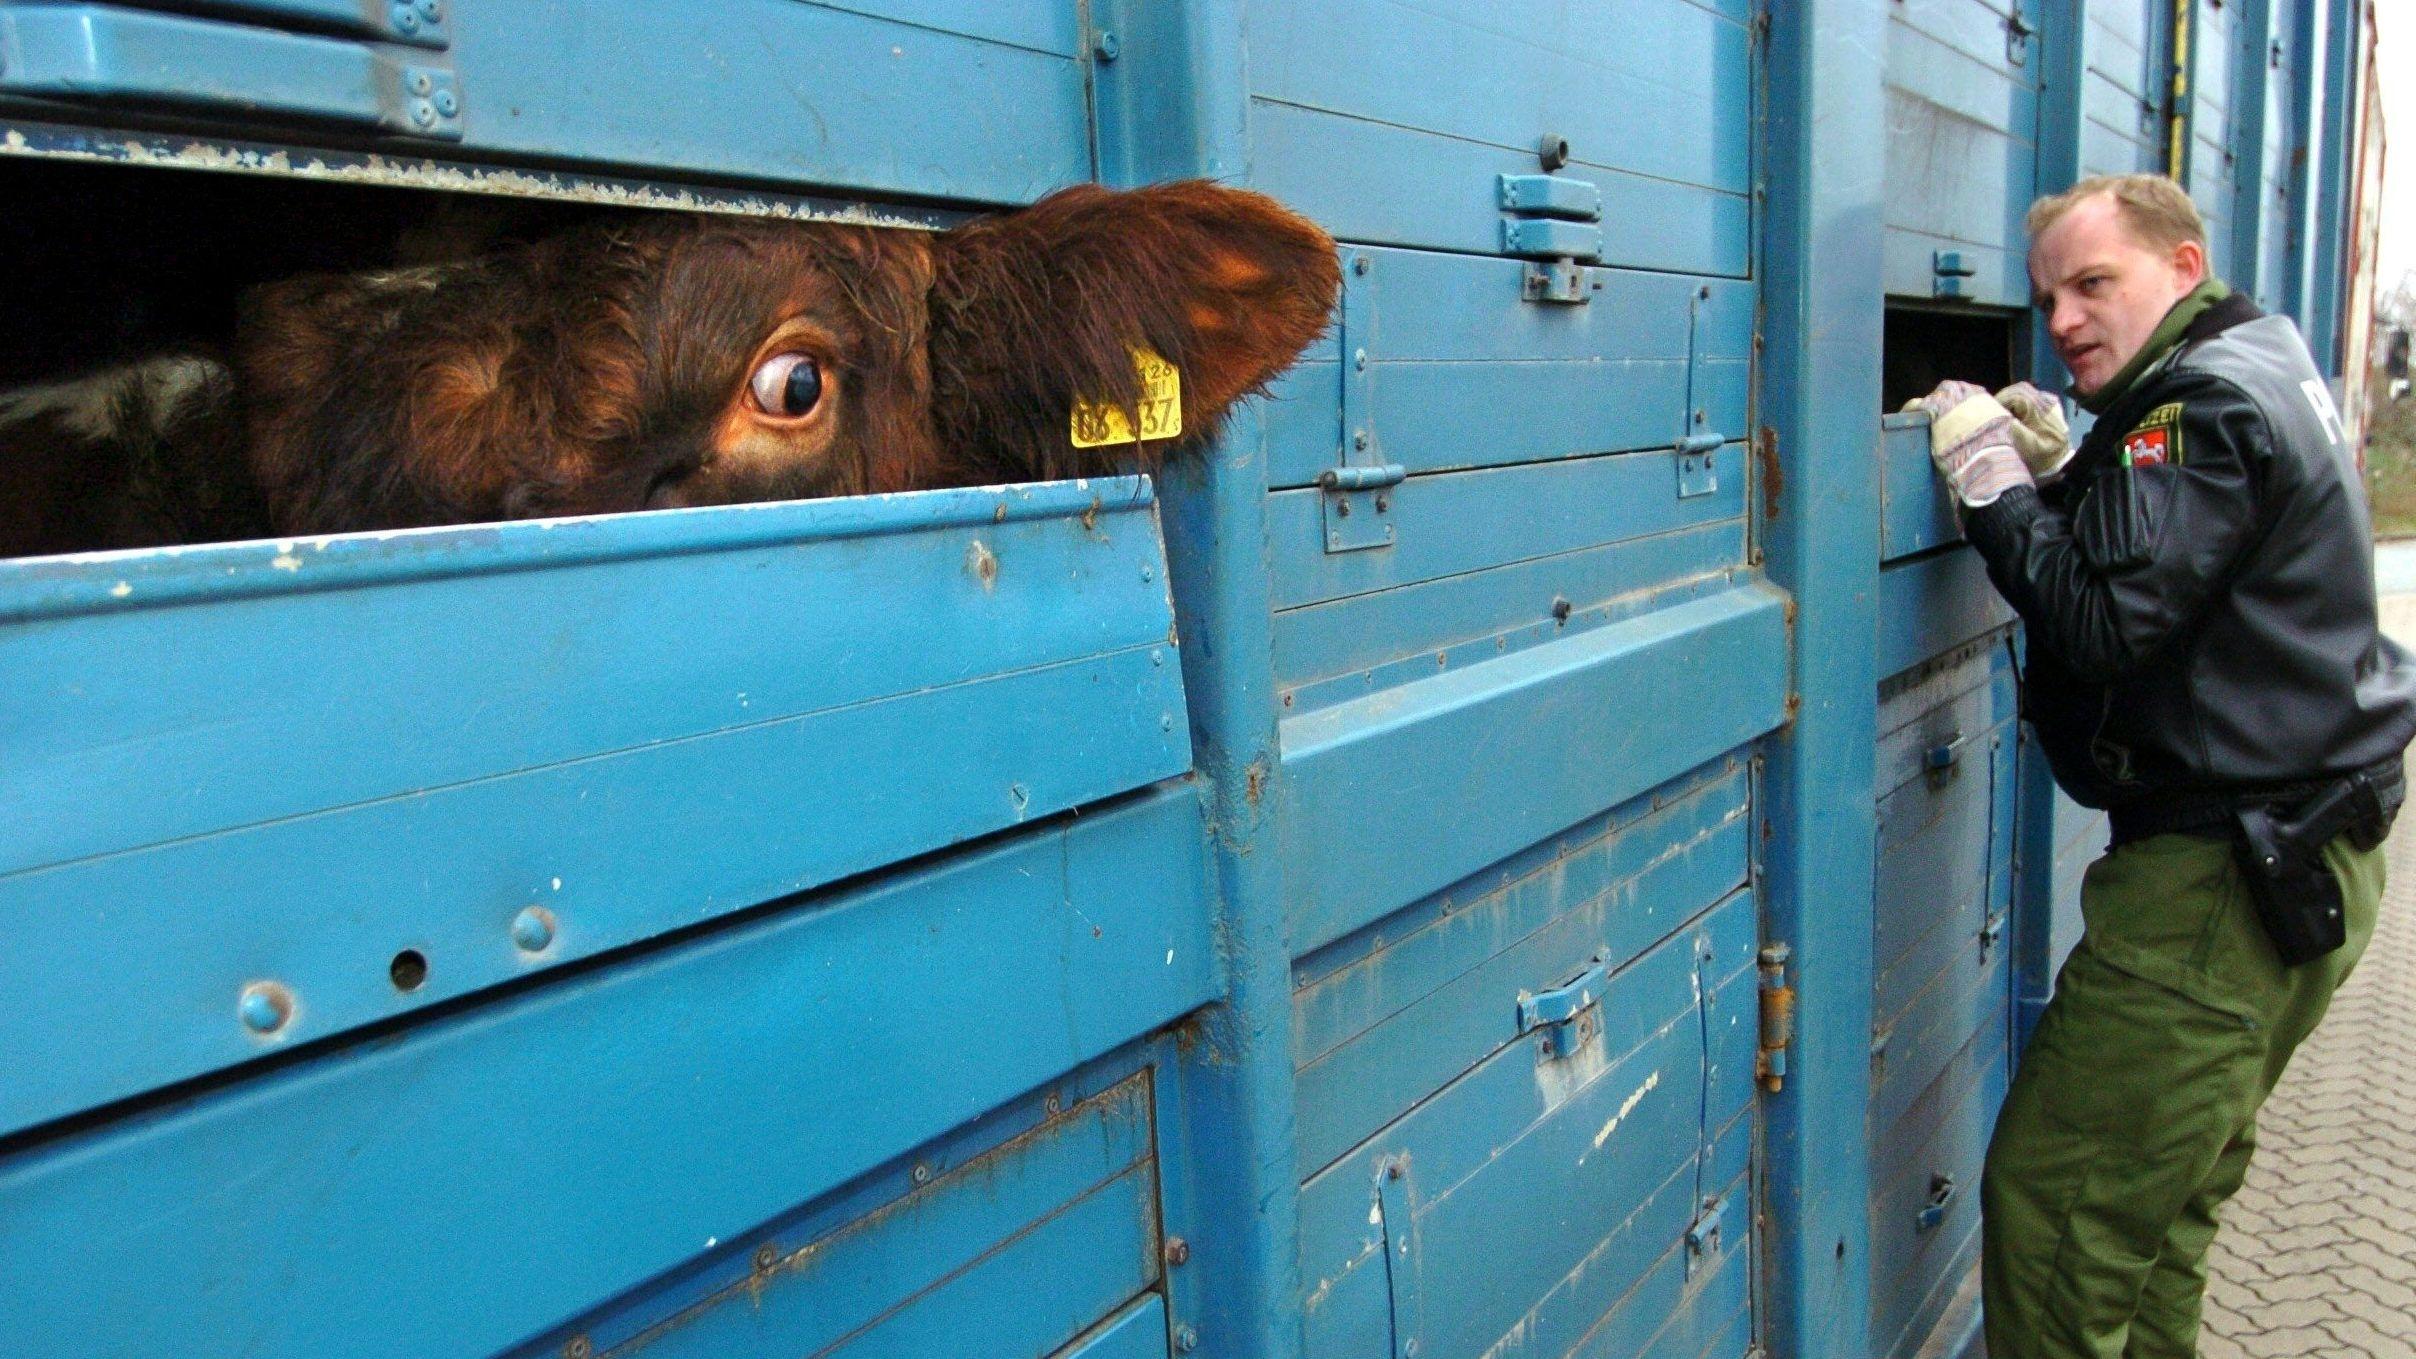 Kontrolle eines Tiertransports an einer Grenze.